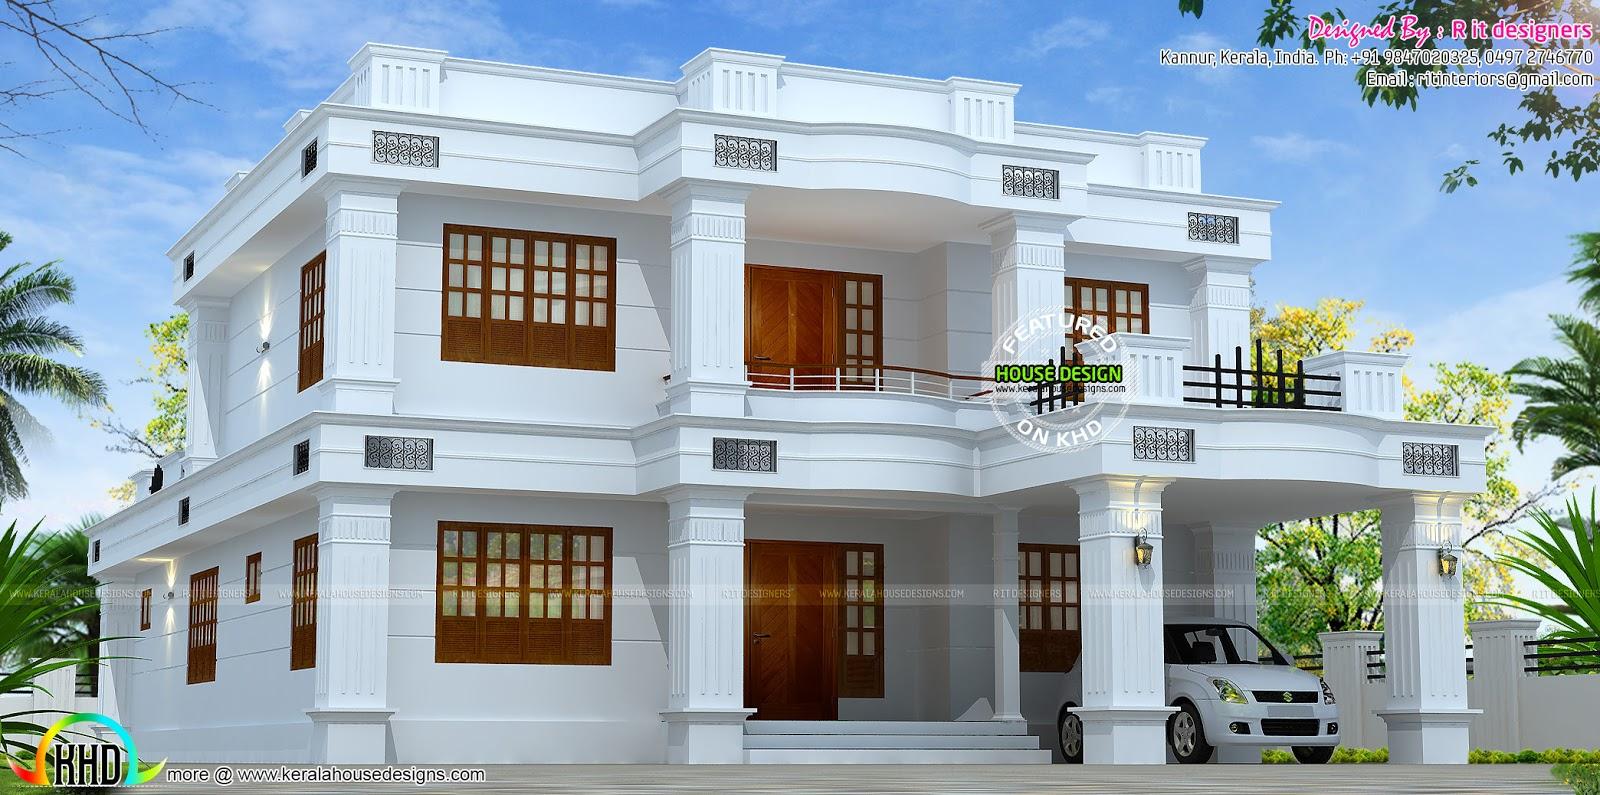 sq ft bedroom kerala home kerala home design floor plans september kerala home design floor plans